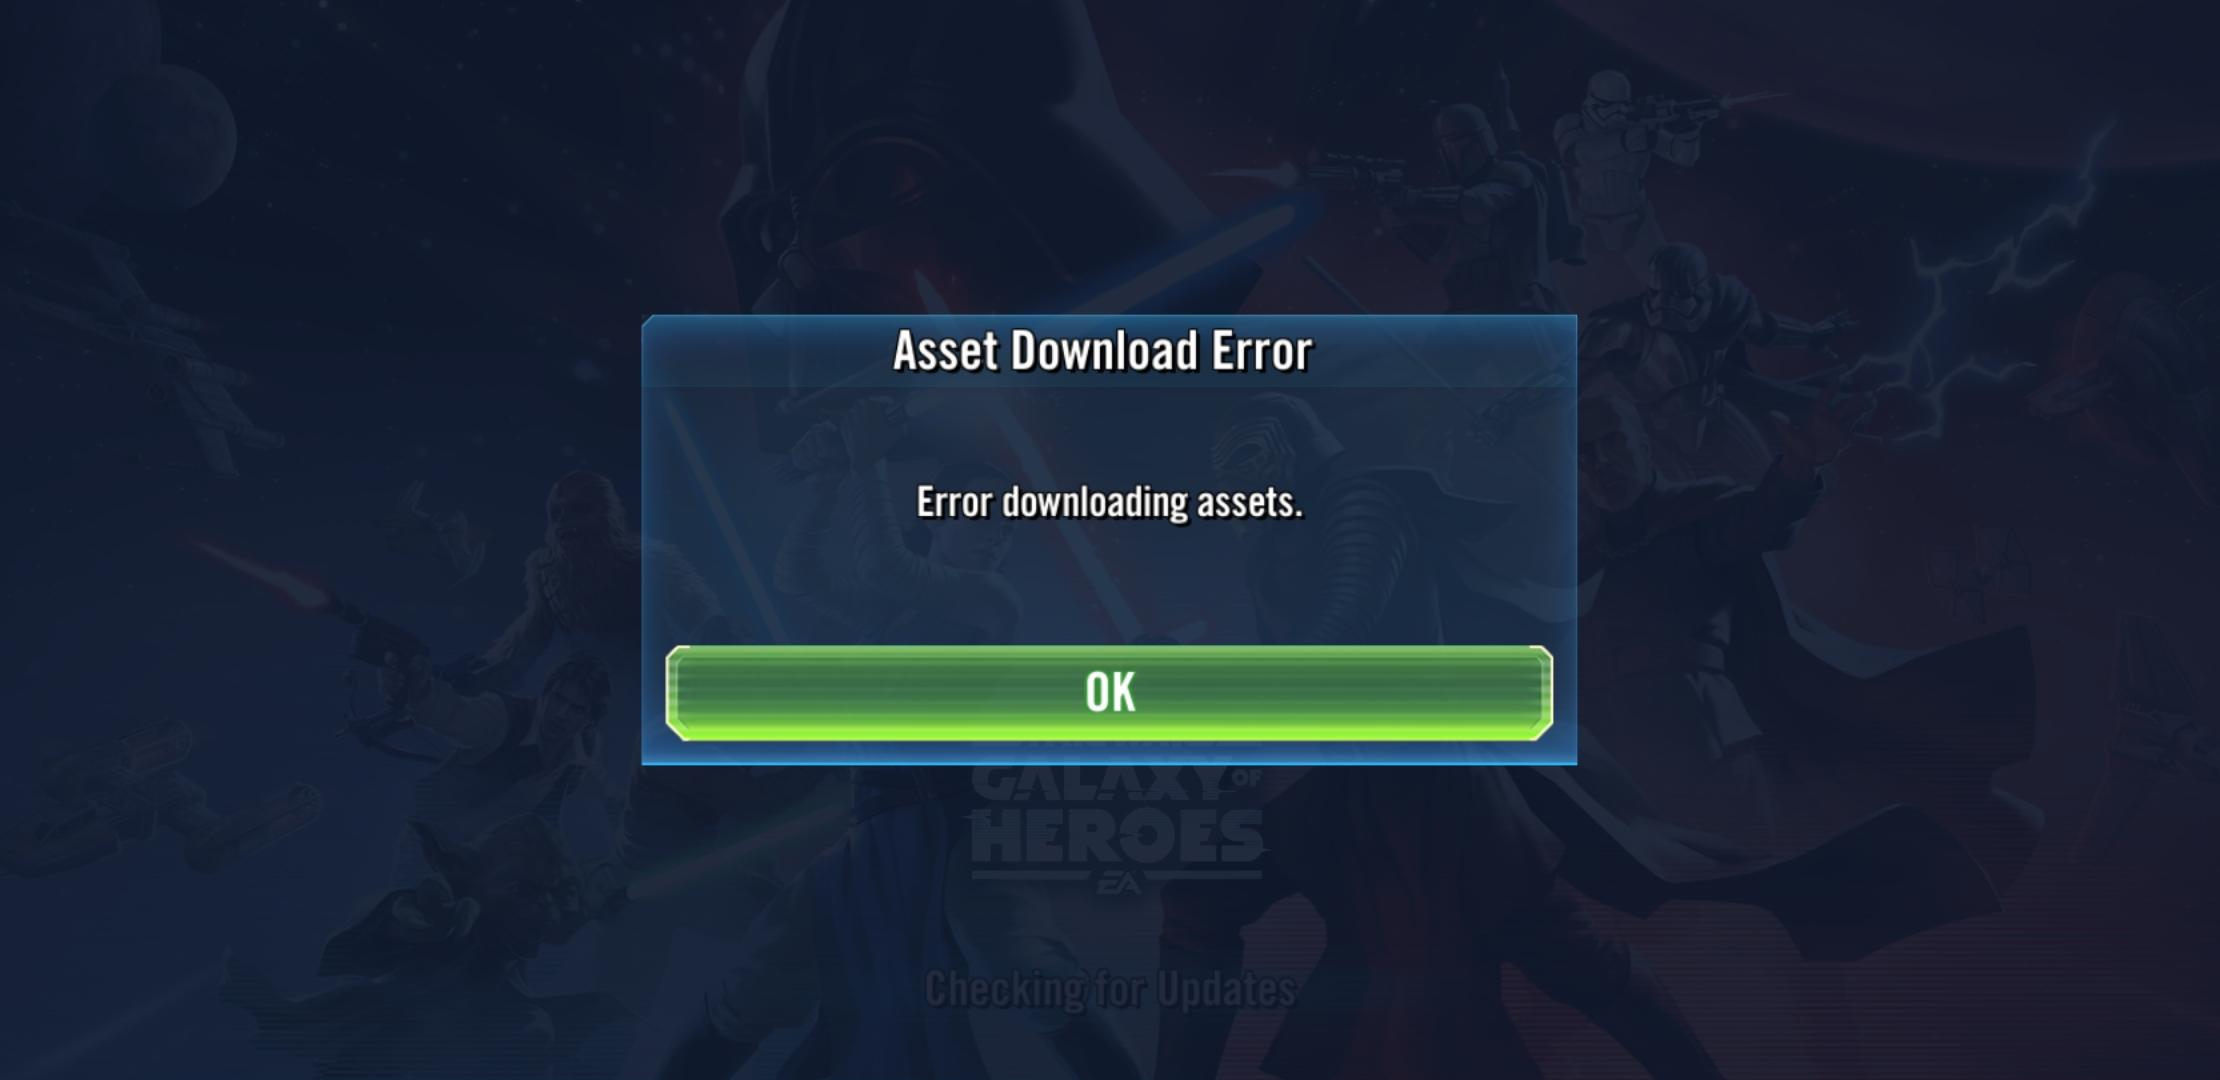 Screenshot_20200412-102419_Heroes.jpg